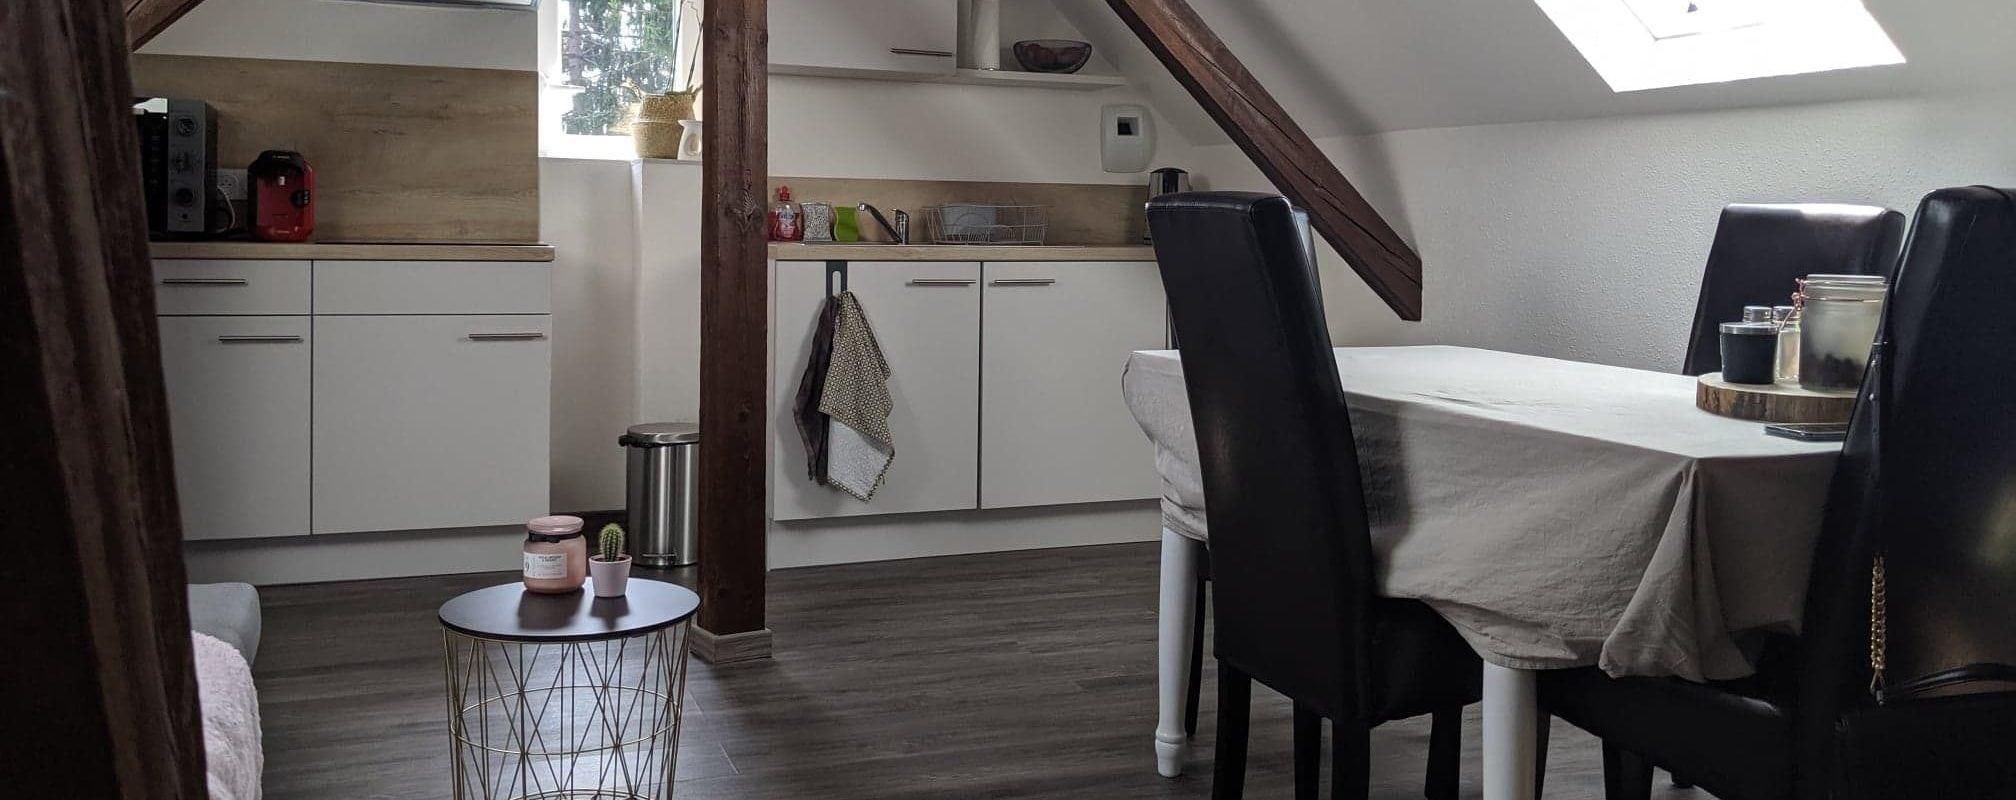 À Strasbourg, 2000 logements privés restent vides depuis plus de trois ans